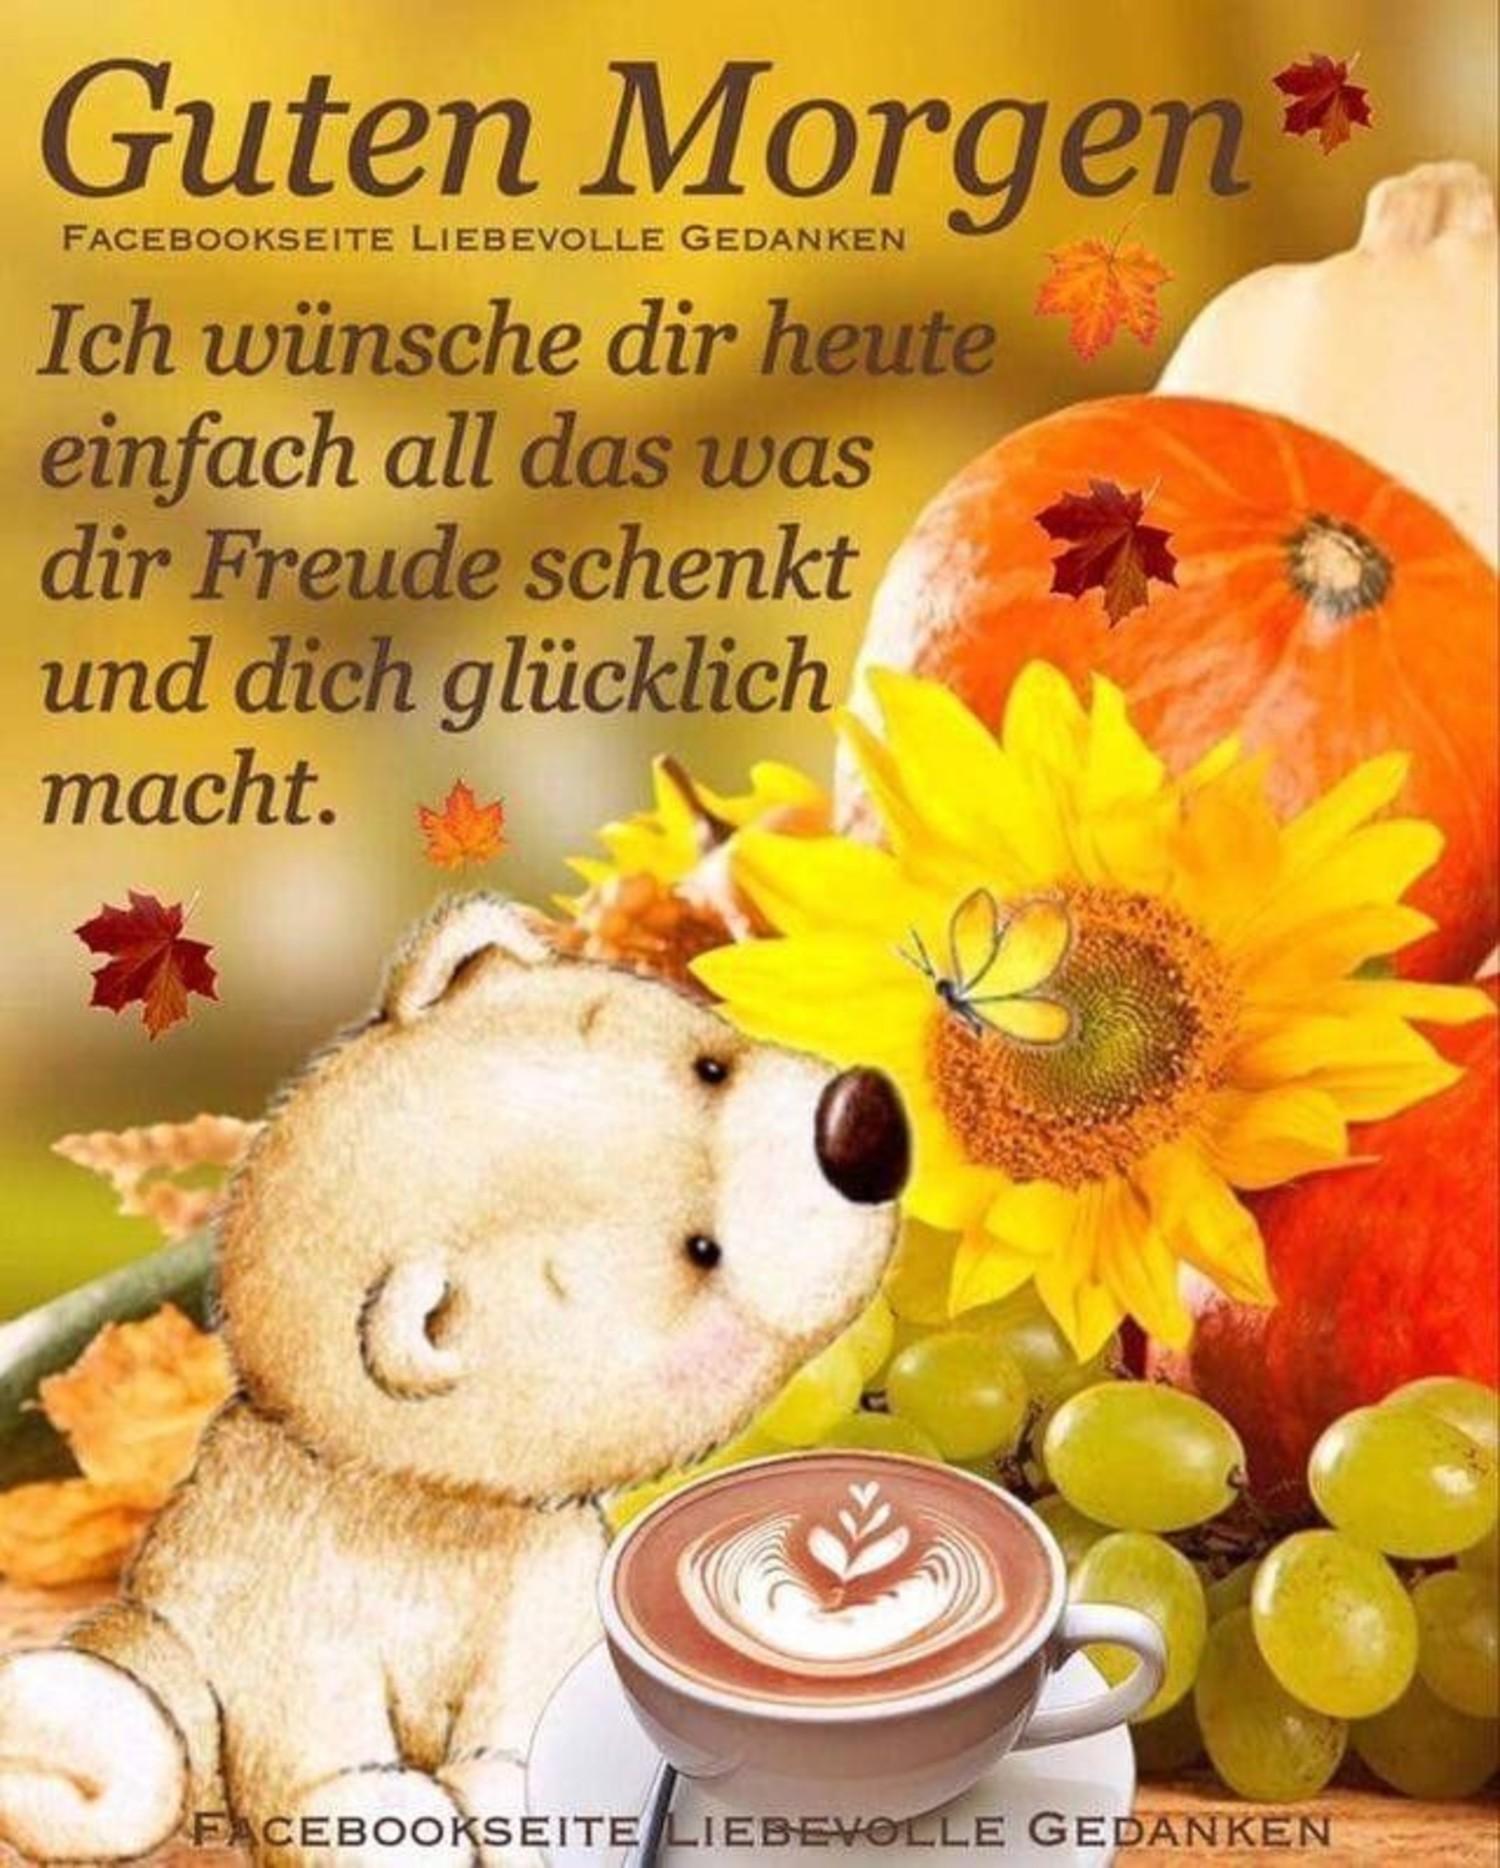 Guten Morgen Herbst 192 Gbpicsbildercom